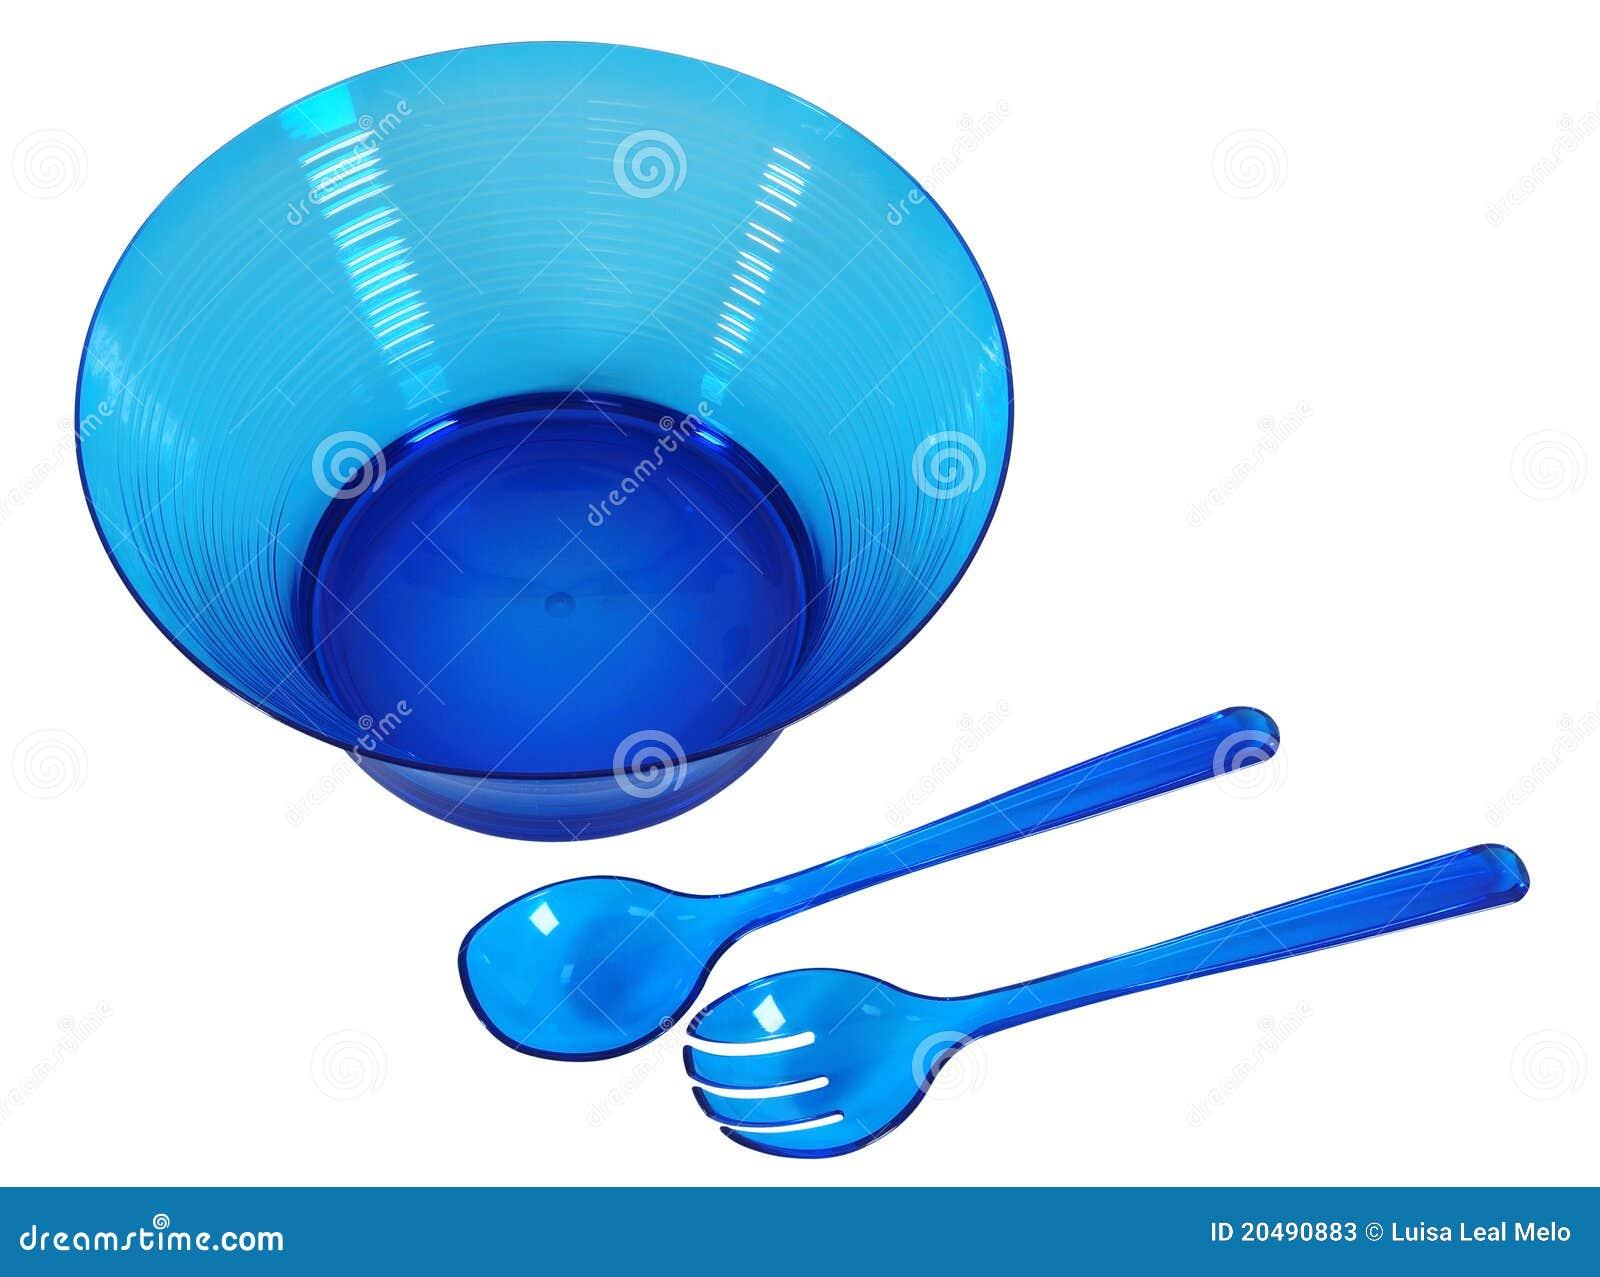 Tazón de fuente de ensalada. Aislado